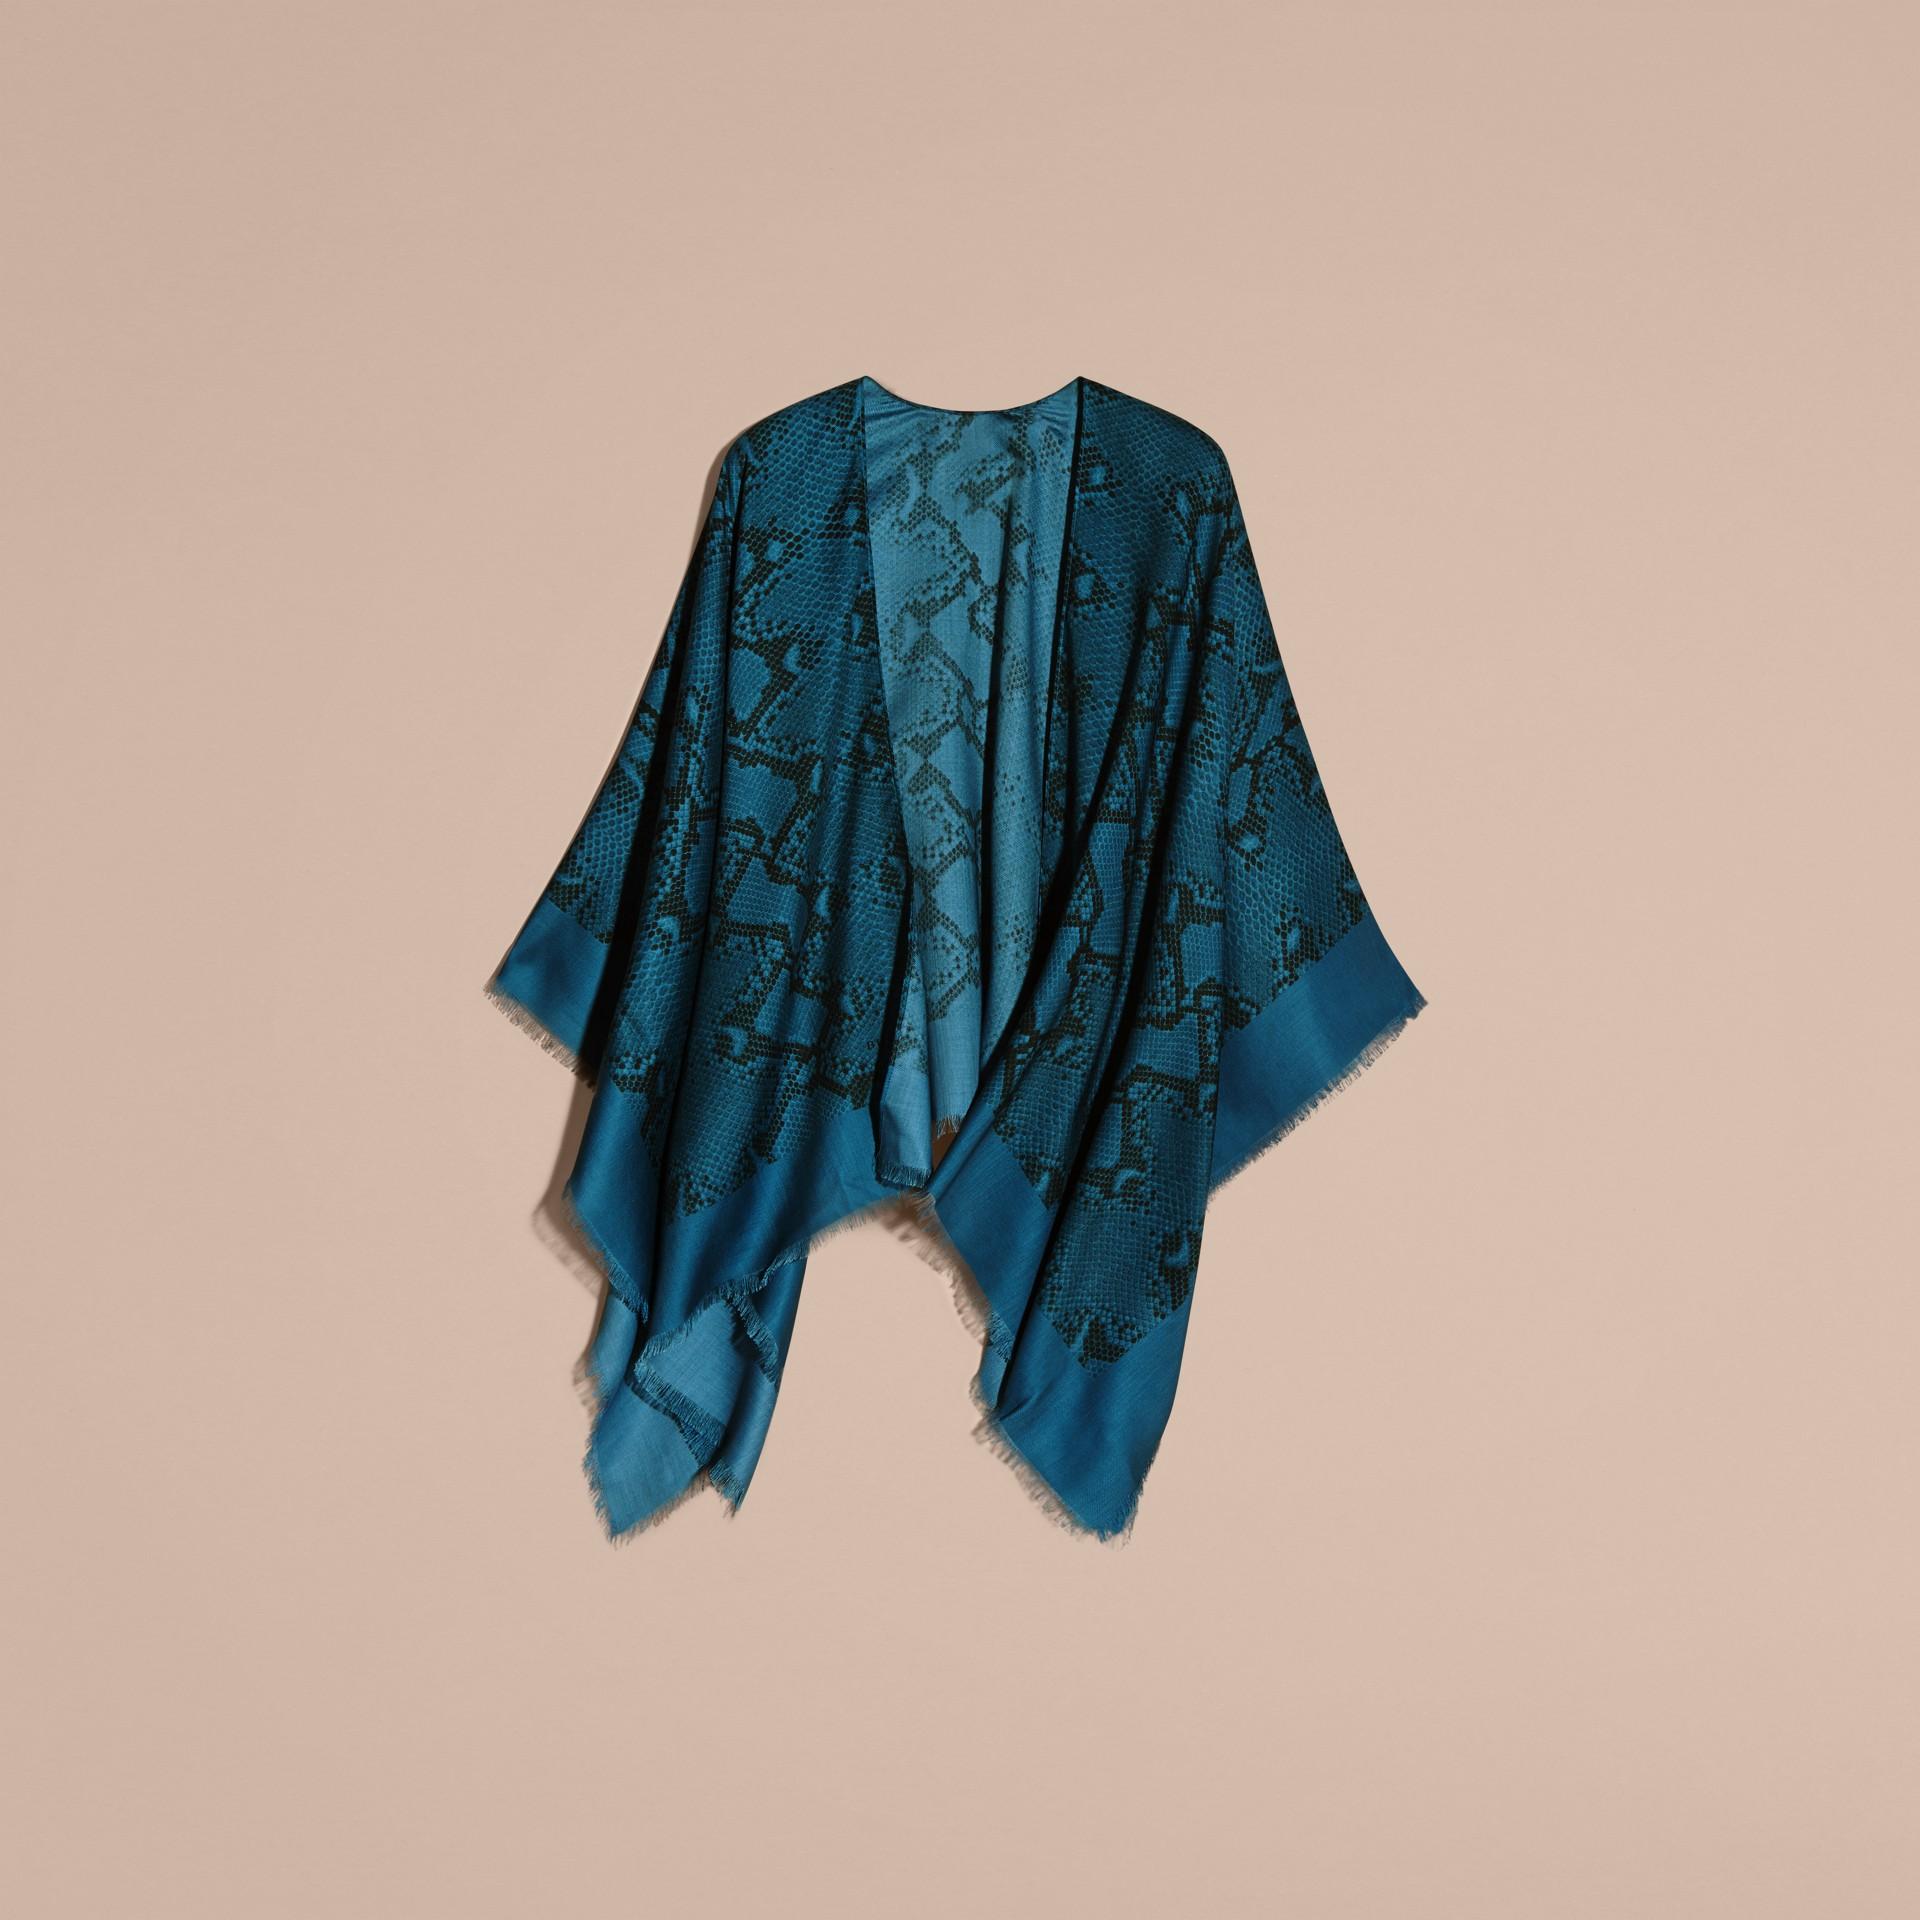 Blu minerale Poncho leggero in misto lana, cashmere e seta con stampa pitone Blu Minerale - immagine della galleria 4